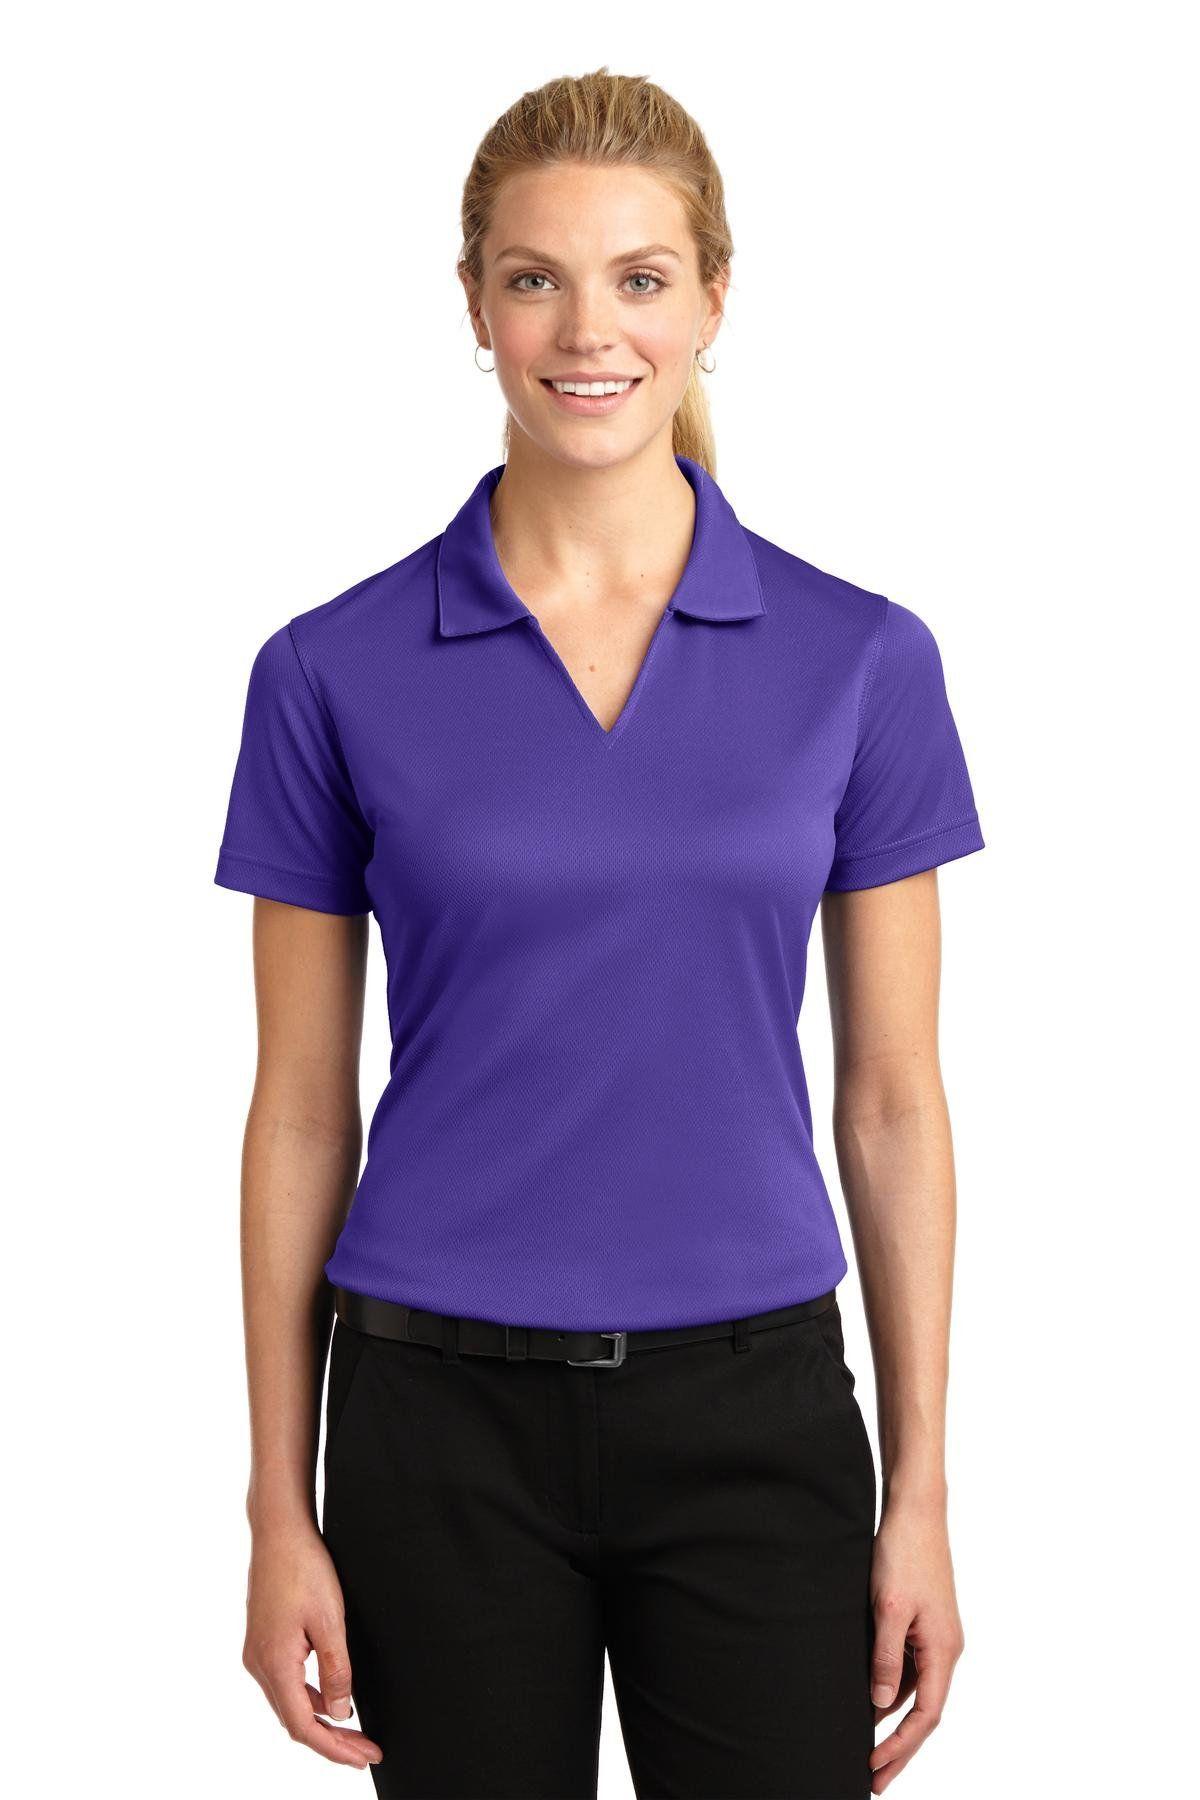 Women Golf Clothing SportTek Womens Dri Mesh V Neck Polo